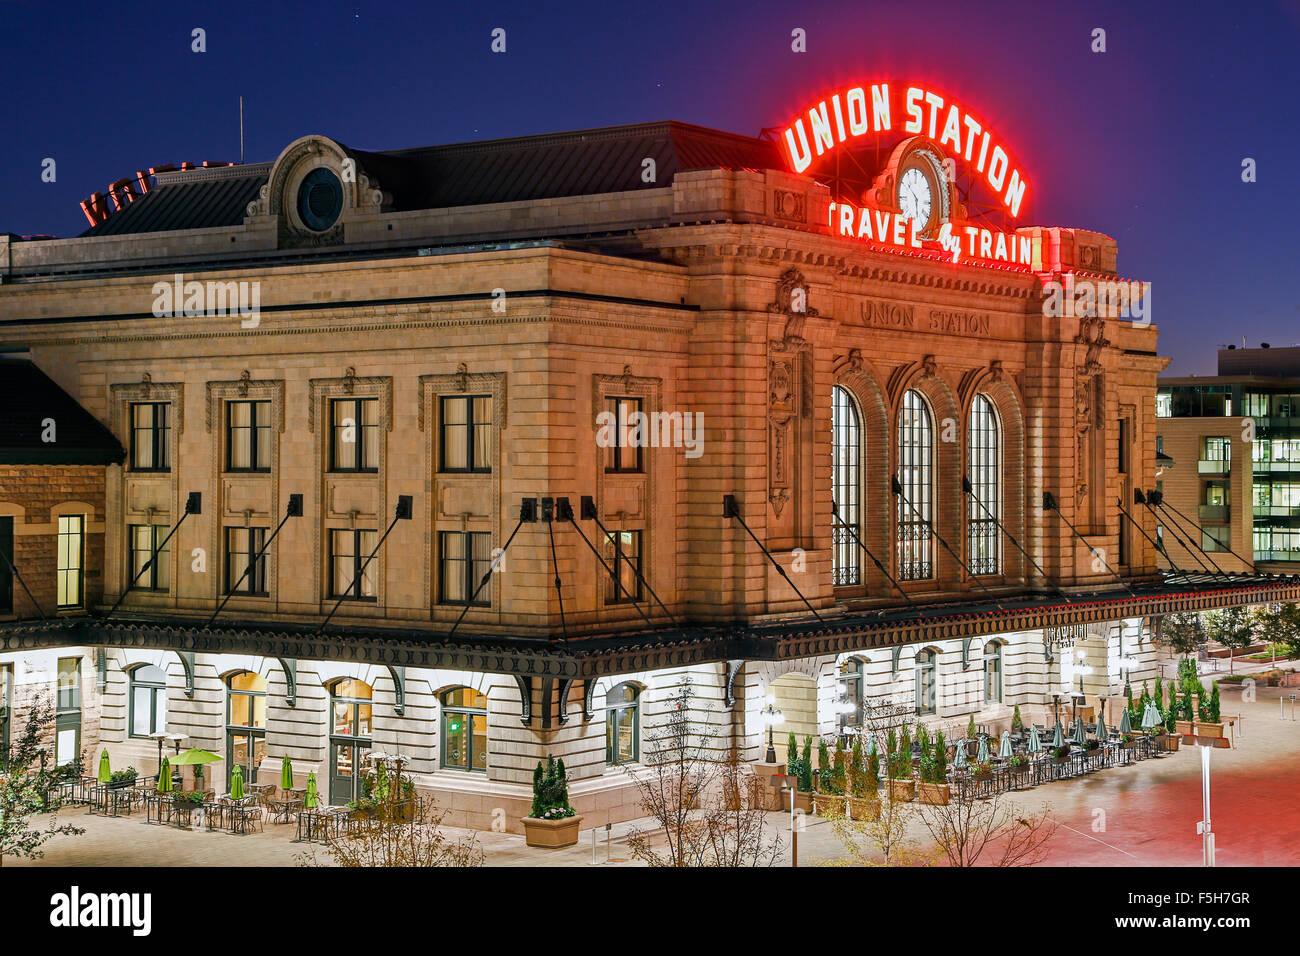 Union Station, Denver, Colorado USA - Stock Image